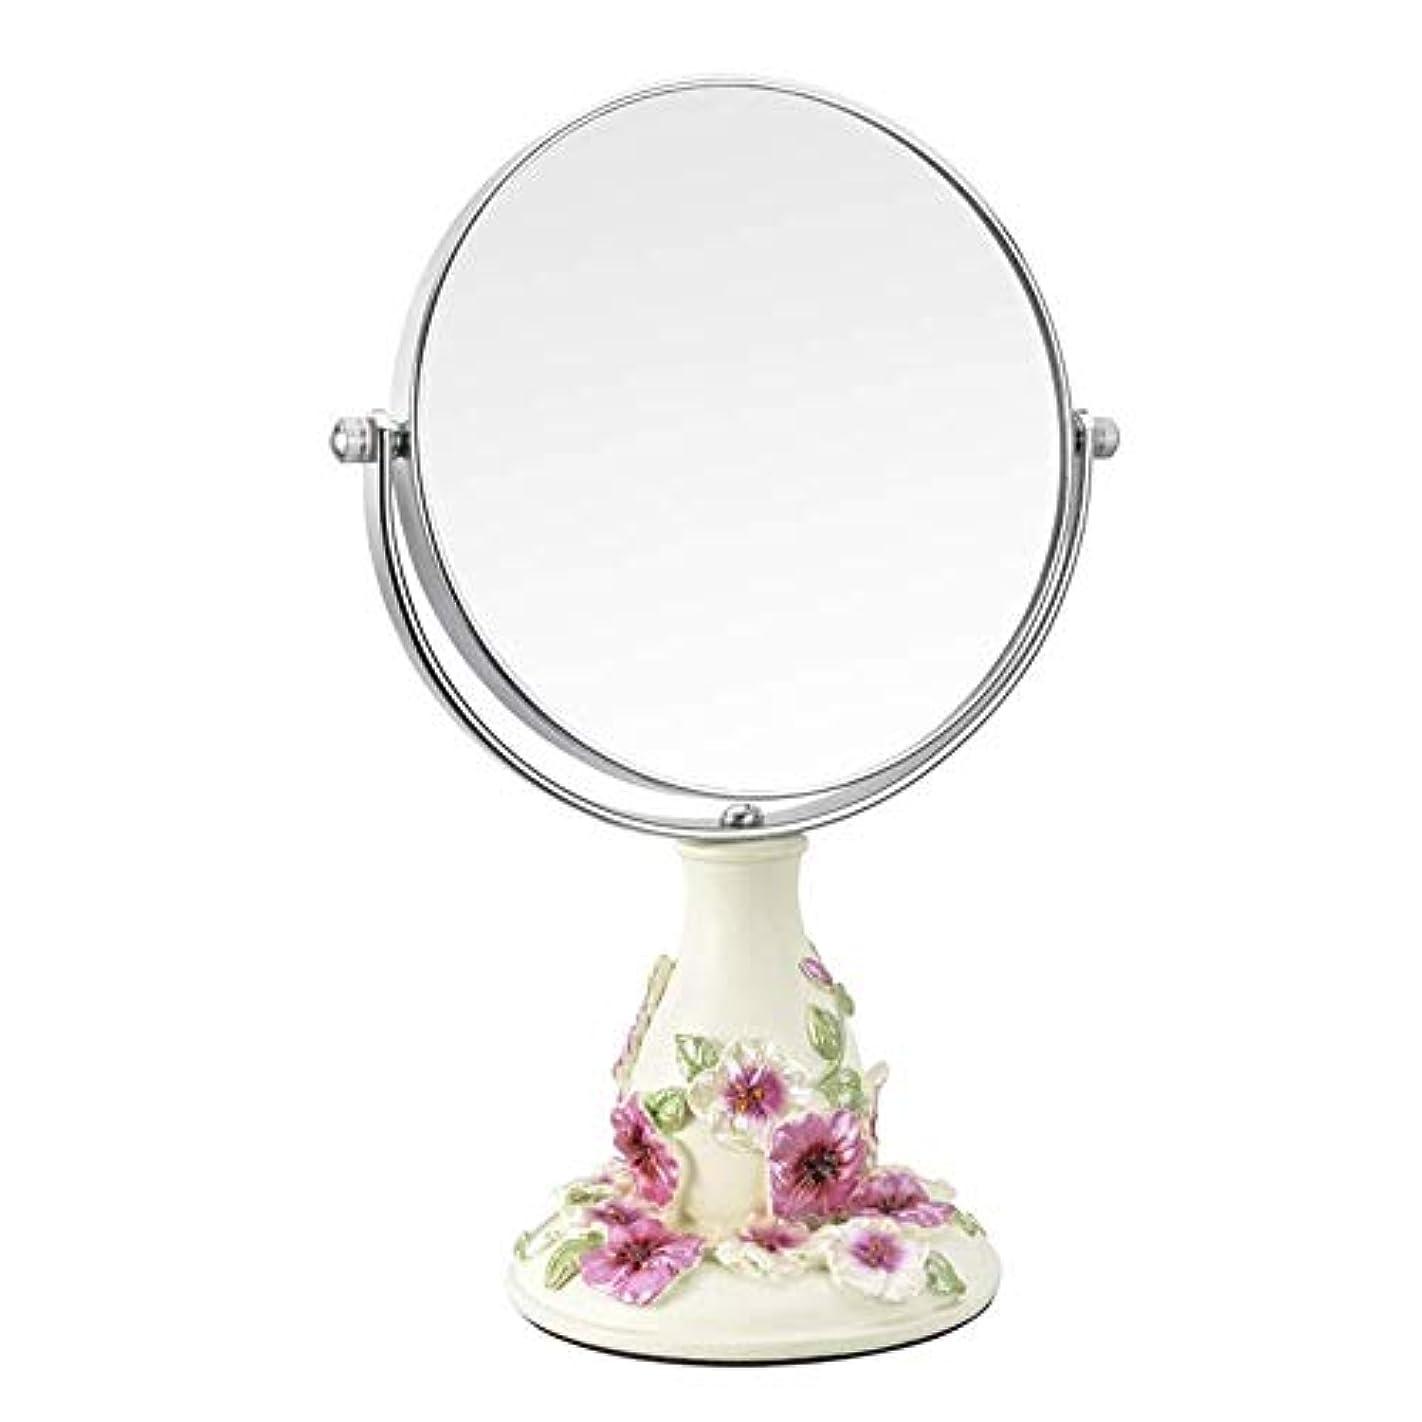 区別する香水親密な流行の ビンテージ化粧鏡、鏡360°回転スタンド、1倍と3倍の倍率、ラウンドダブル両面回転化粧鏡